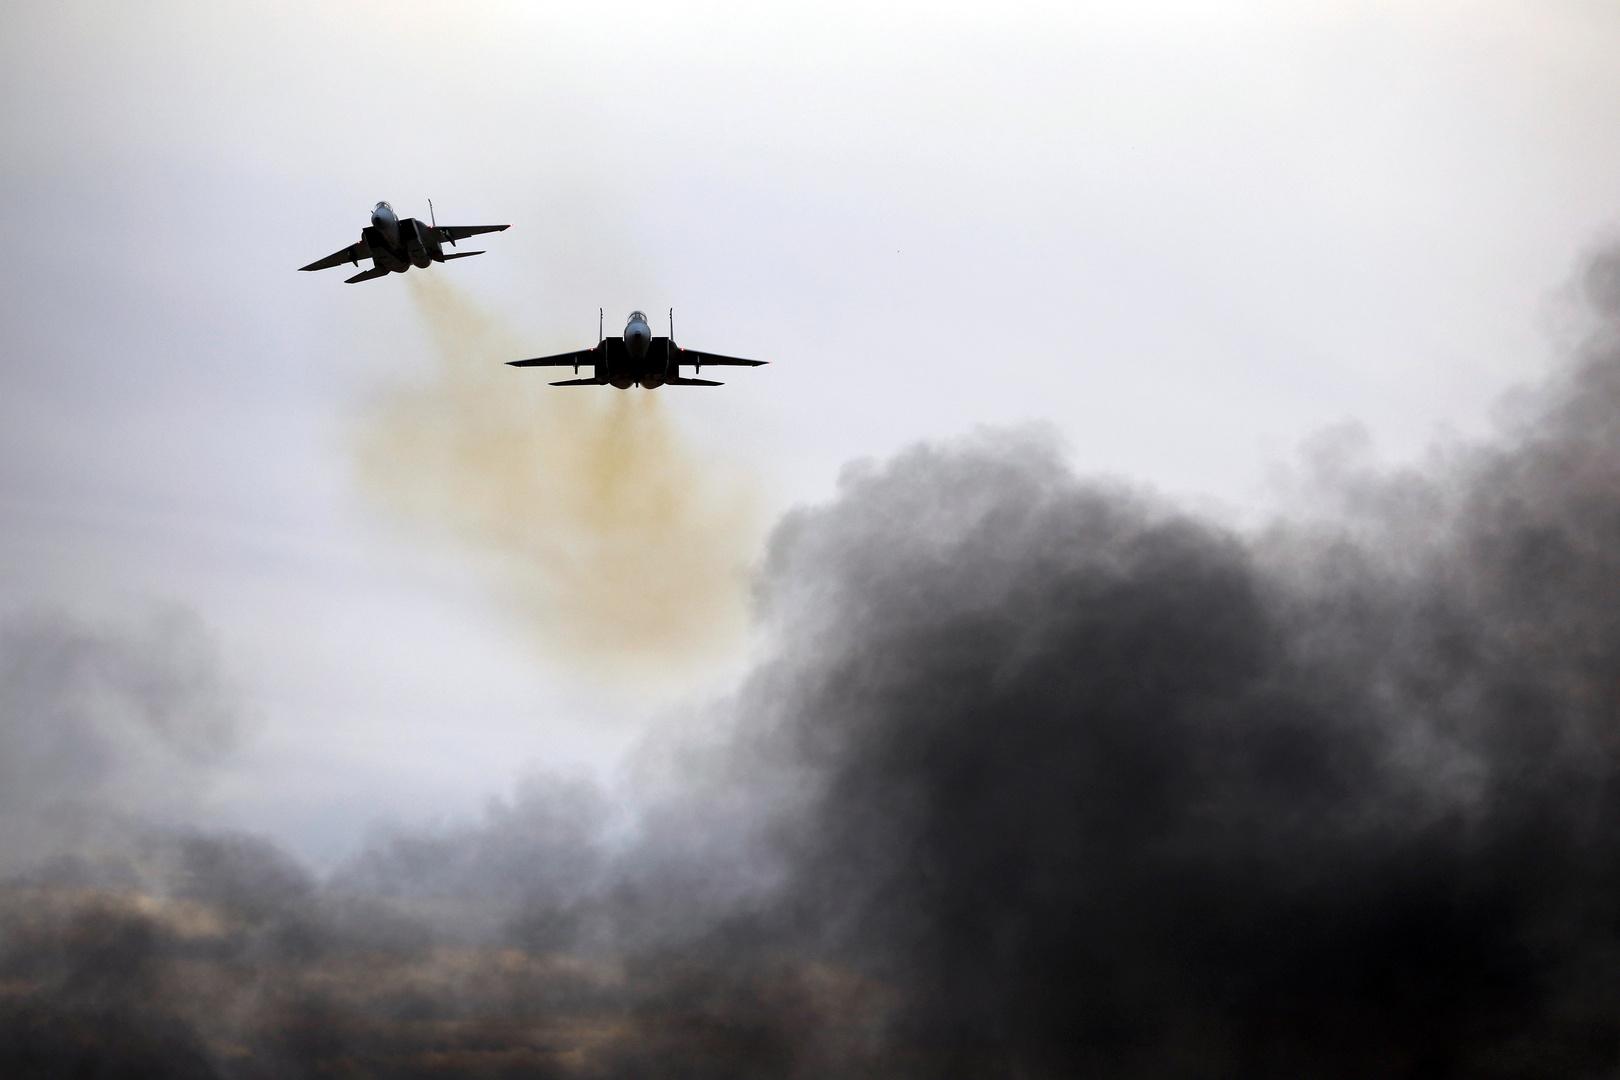 في أكبر تمرين عسكري.. إسرائيل تتدرب على خوض حرب ضد